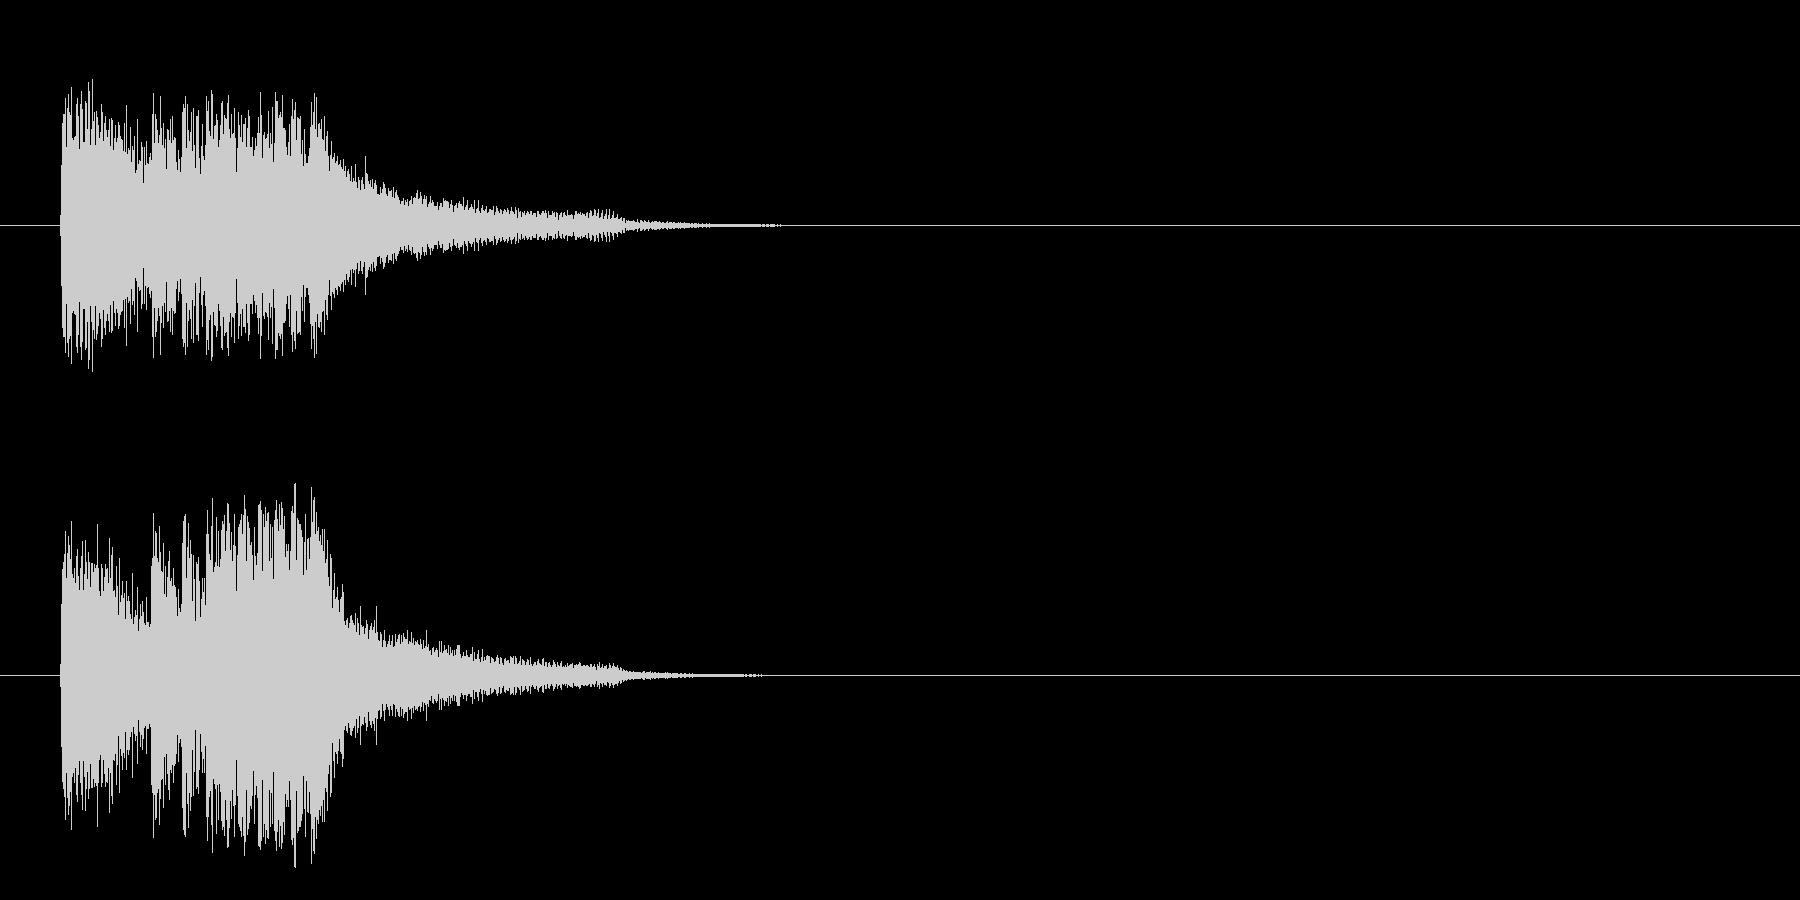 ジングル/SE(サスペンス/場面転換風)の未再生の波形